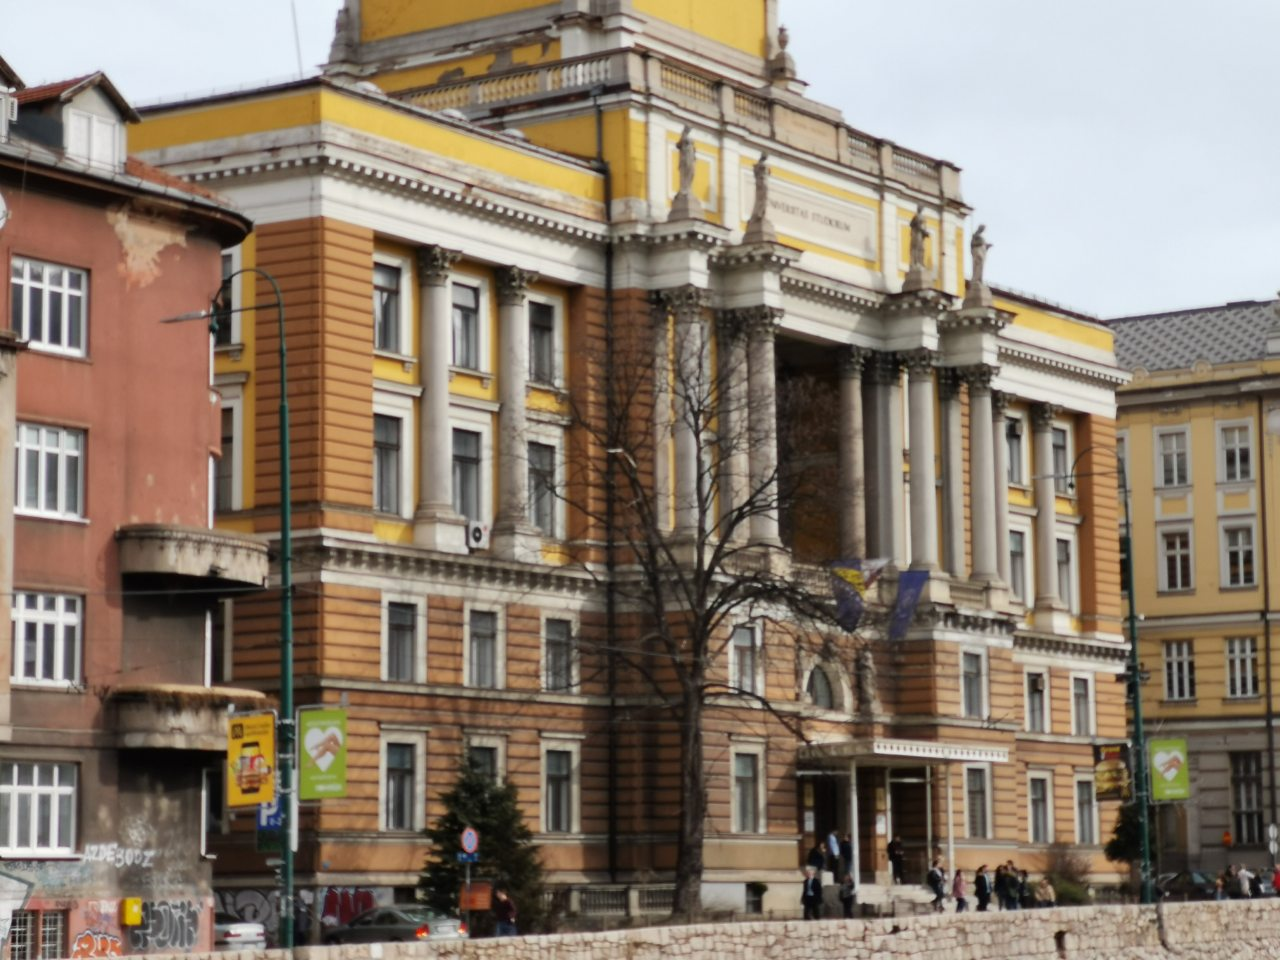 Univerzitet u Sarajevu među 5,5% najboljih univerziteta u svijetu prema rangiranju Webometricsa